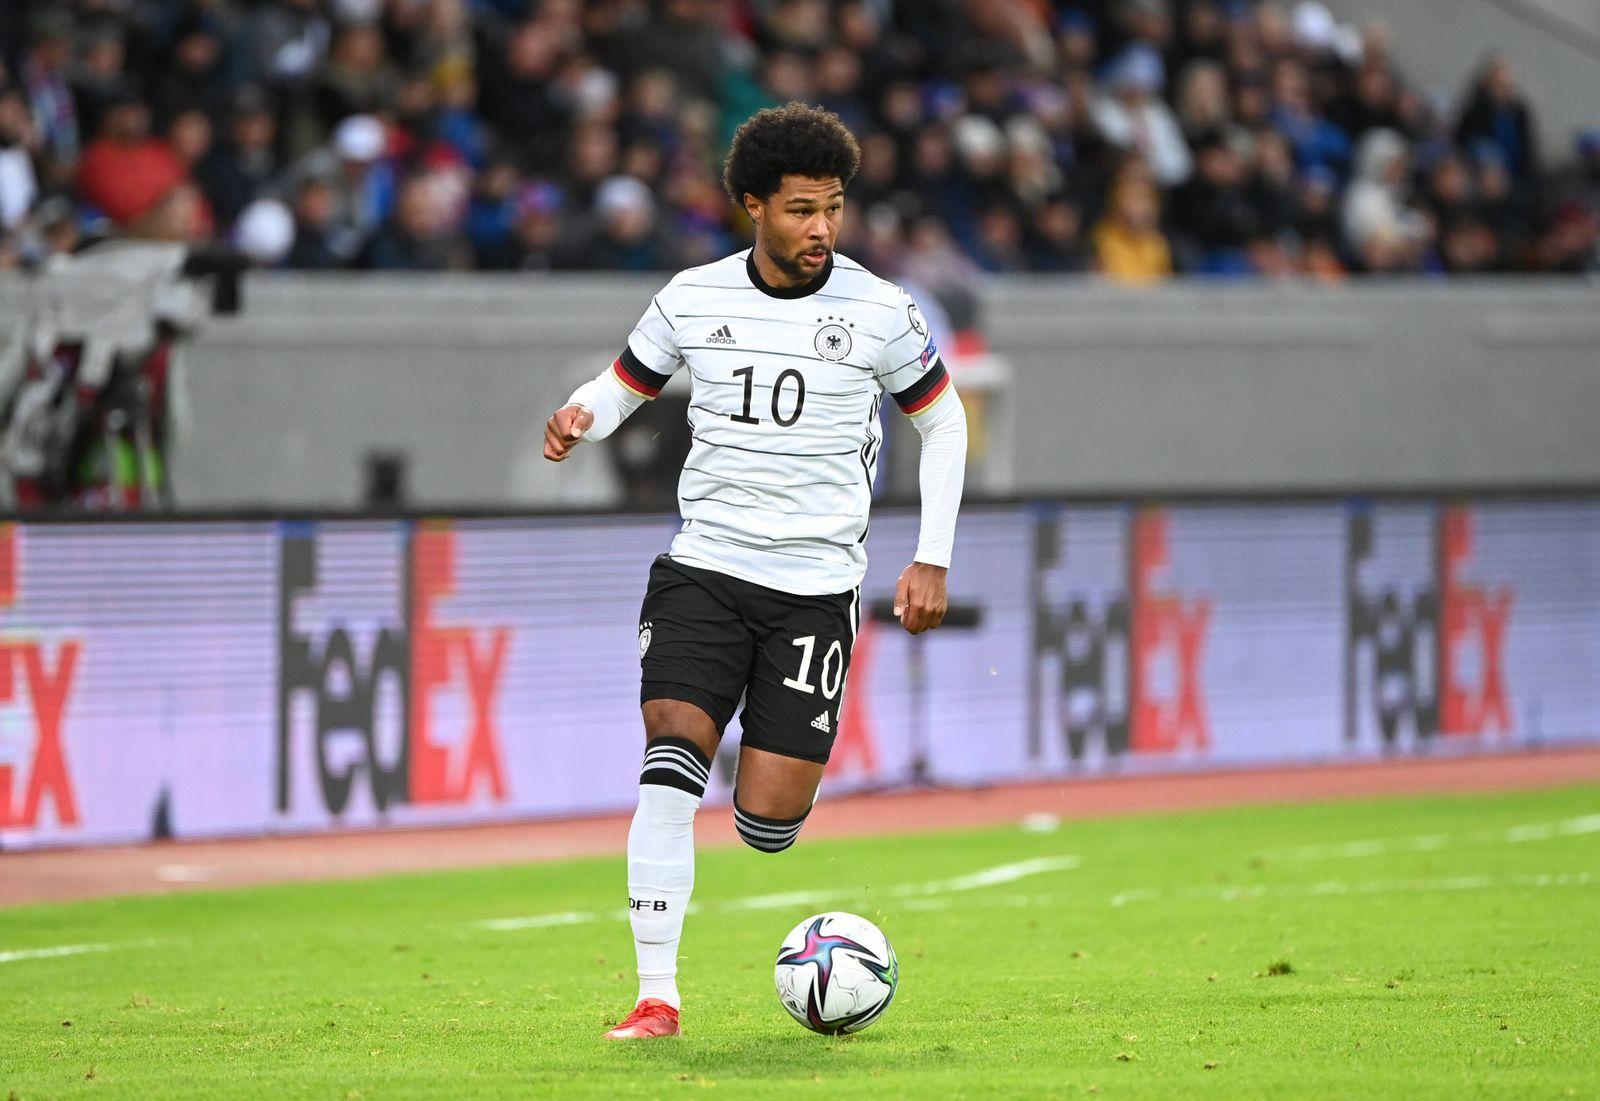 Fussball, Herren, Saison 2020/21, WM-Qualifikation (Gruppe J, 6. Spieltag) in Reykjavik, Island - Deutschland, Serge Gna